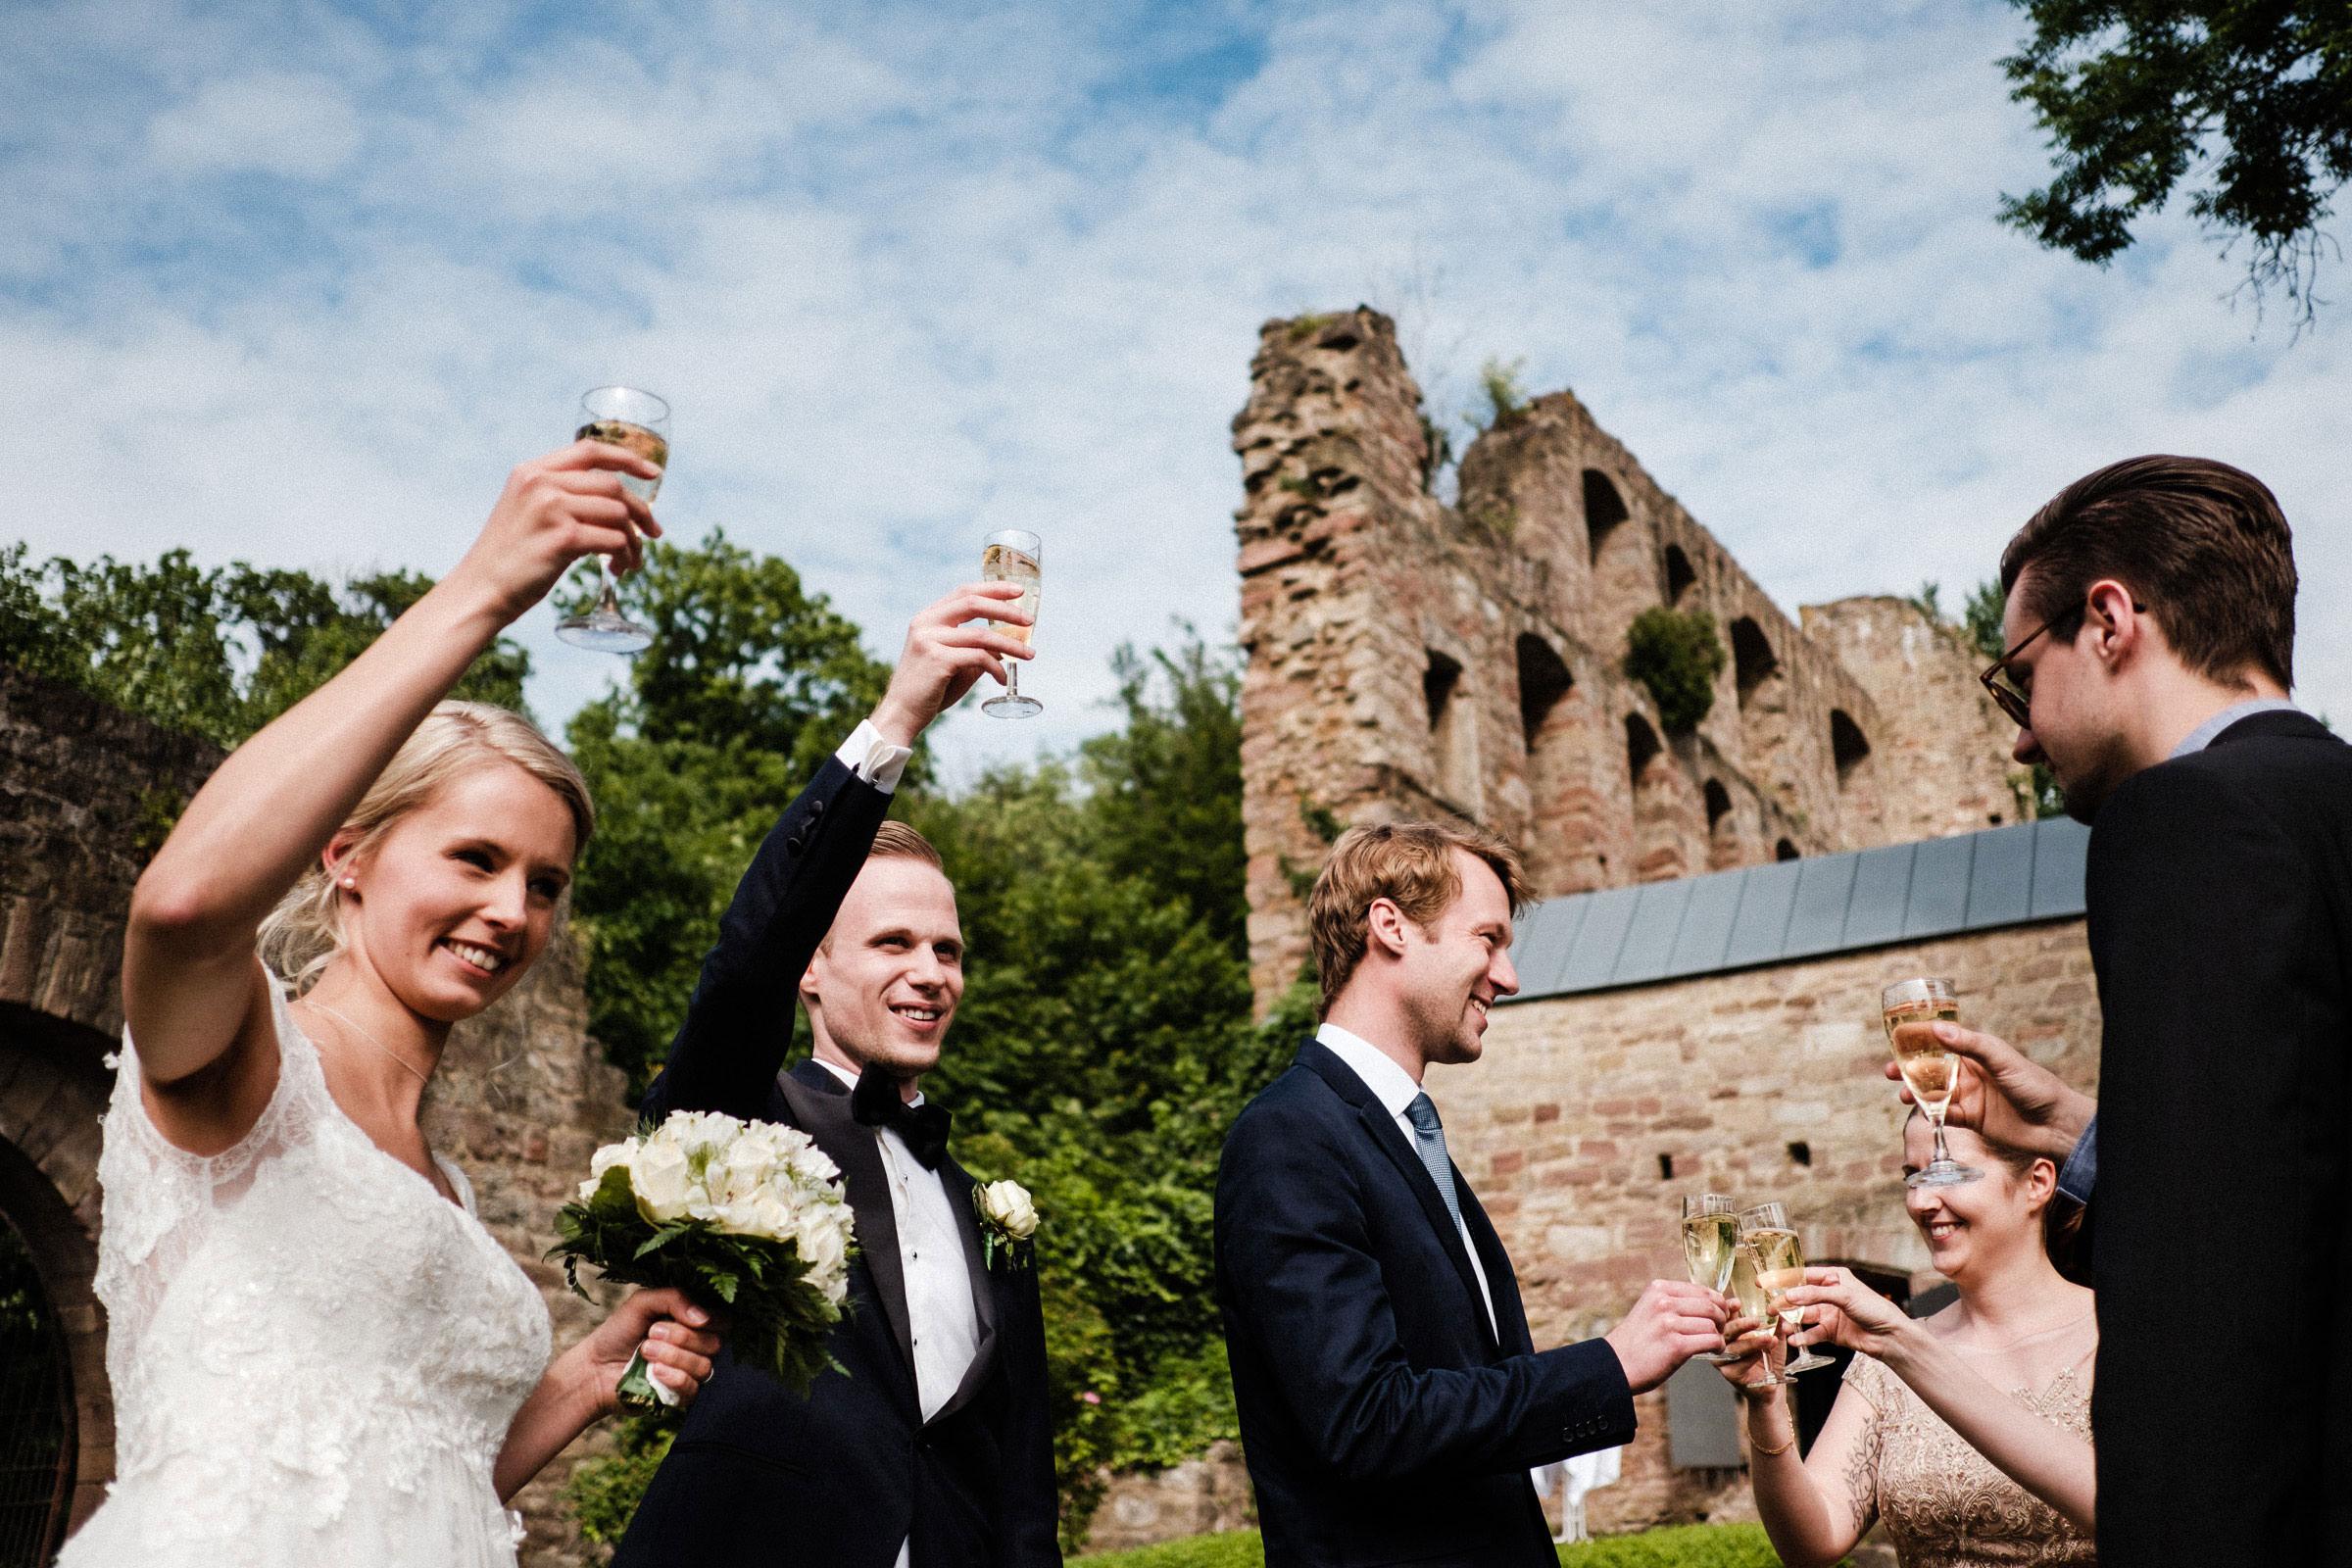 Sektempfang nach der Hochzeit